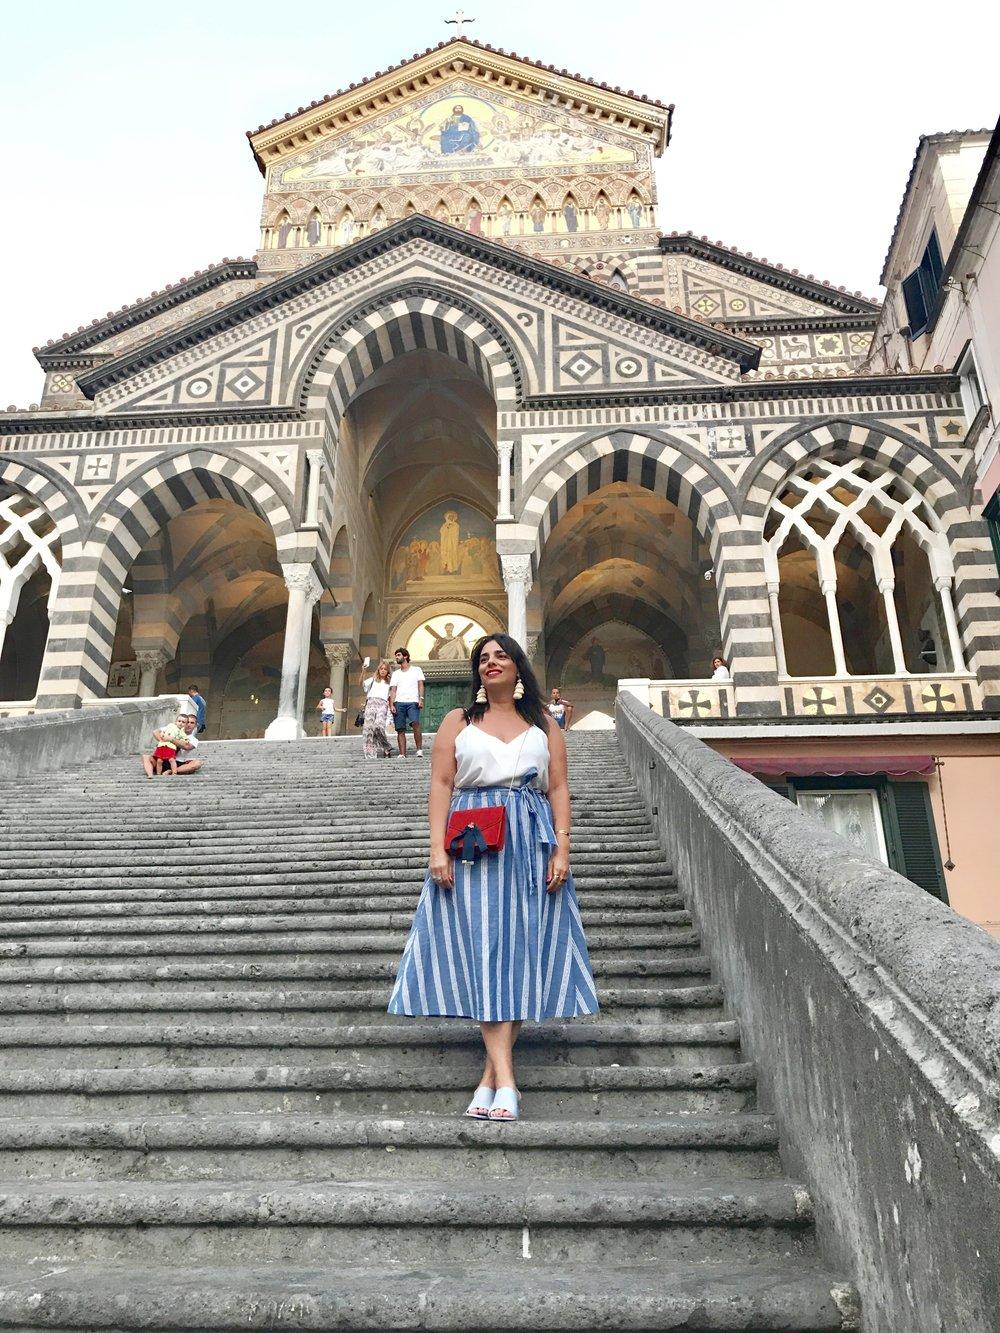 כיכר אמאלפי והקתדרלה המפורסמת (צילום: הגר טהר לב)